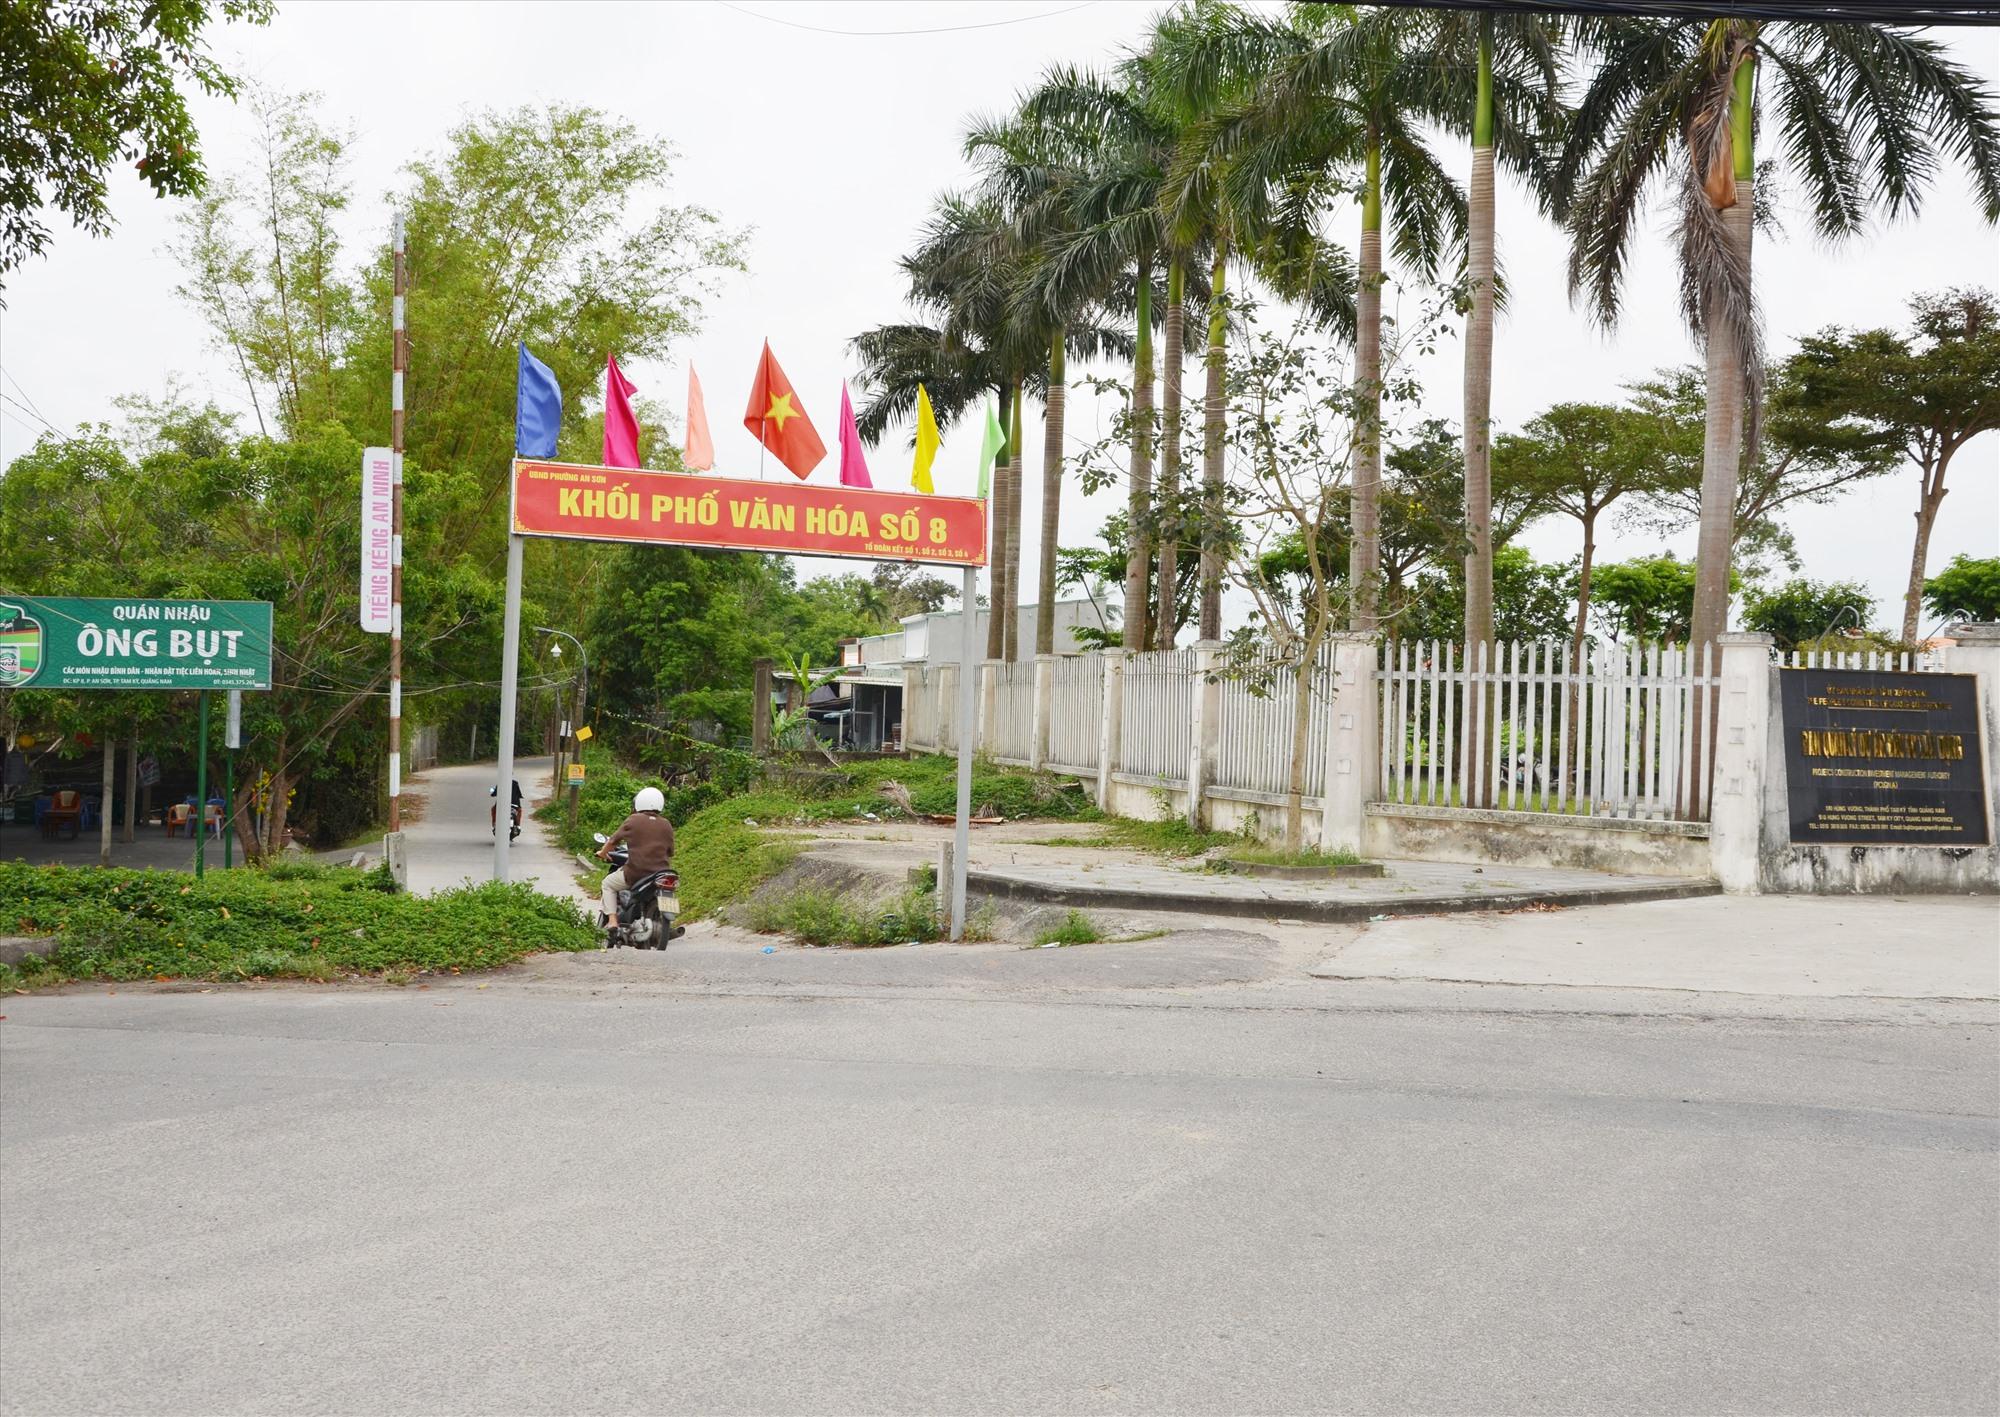 Nhiều tuyến đường trong khu dân cư ở phường An Sơn (Tam Kỳ) chưa khớp nối ra tuyến Nguyễn Hoàng. Ảnh: H.P